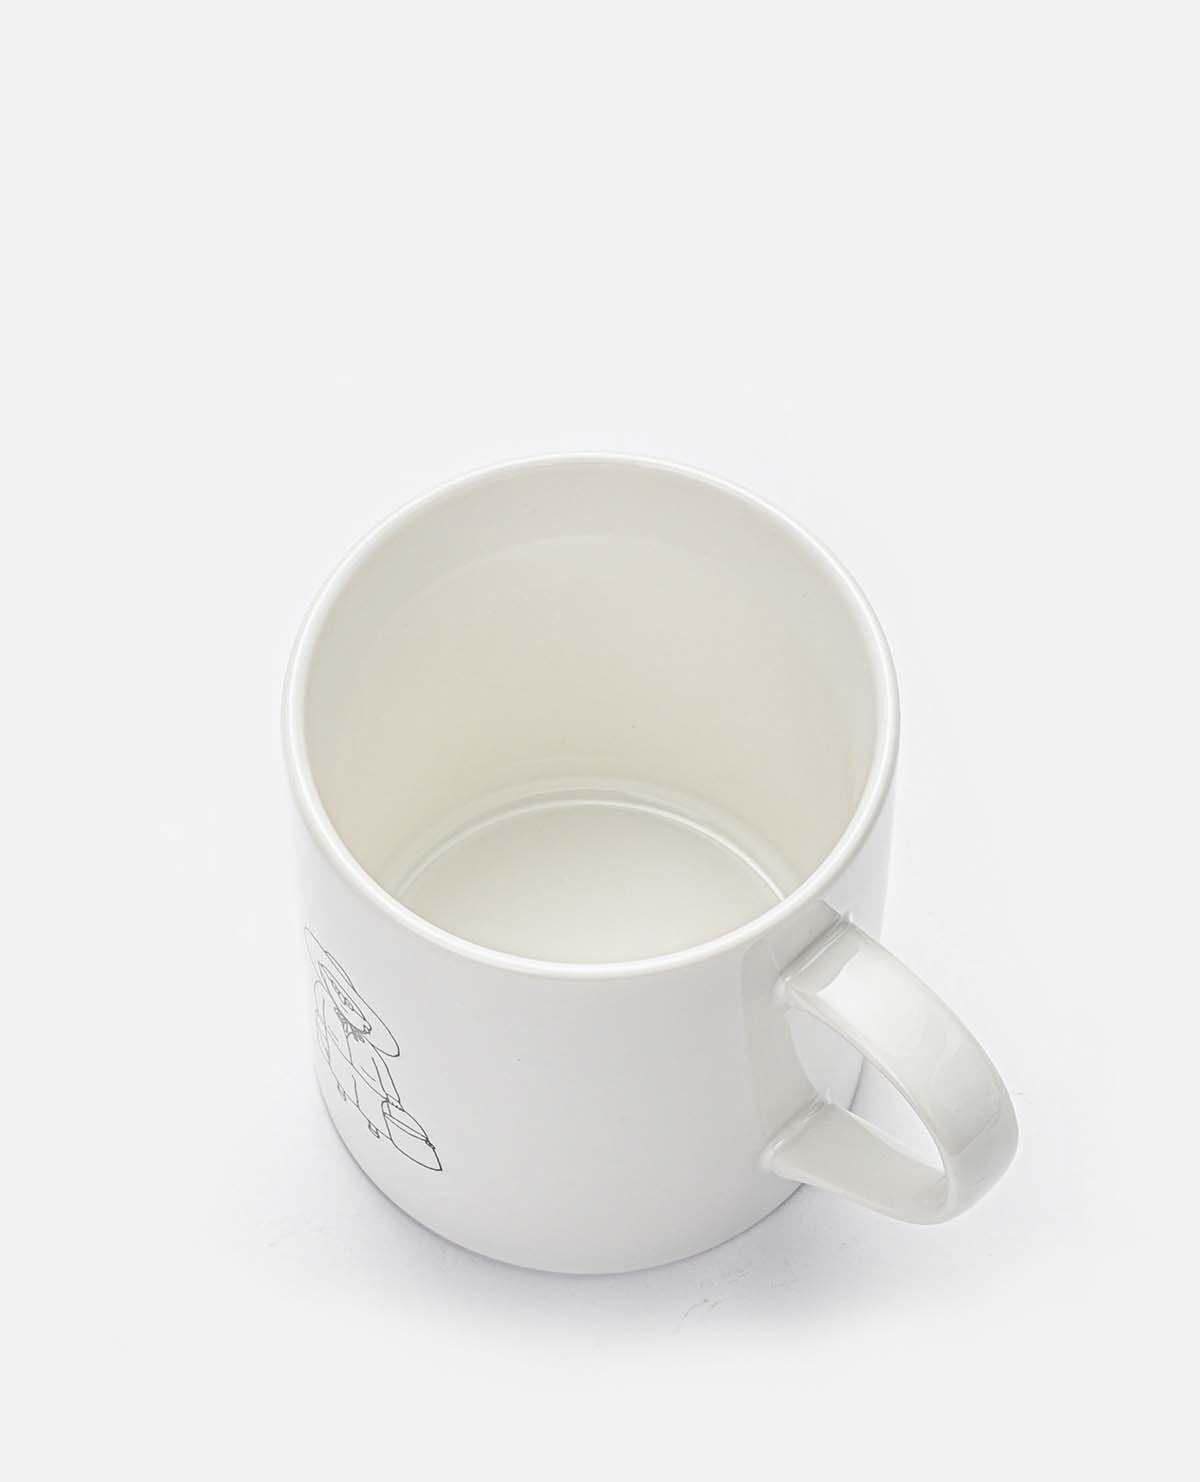 マグカップ おばあちゃんのさかなつり